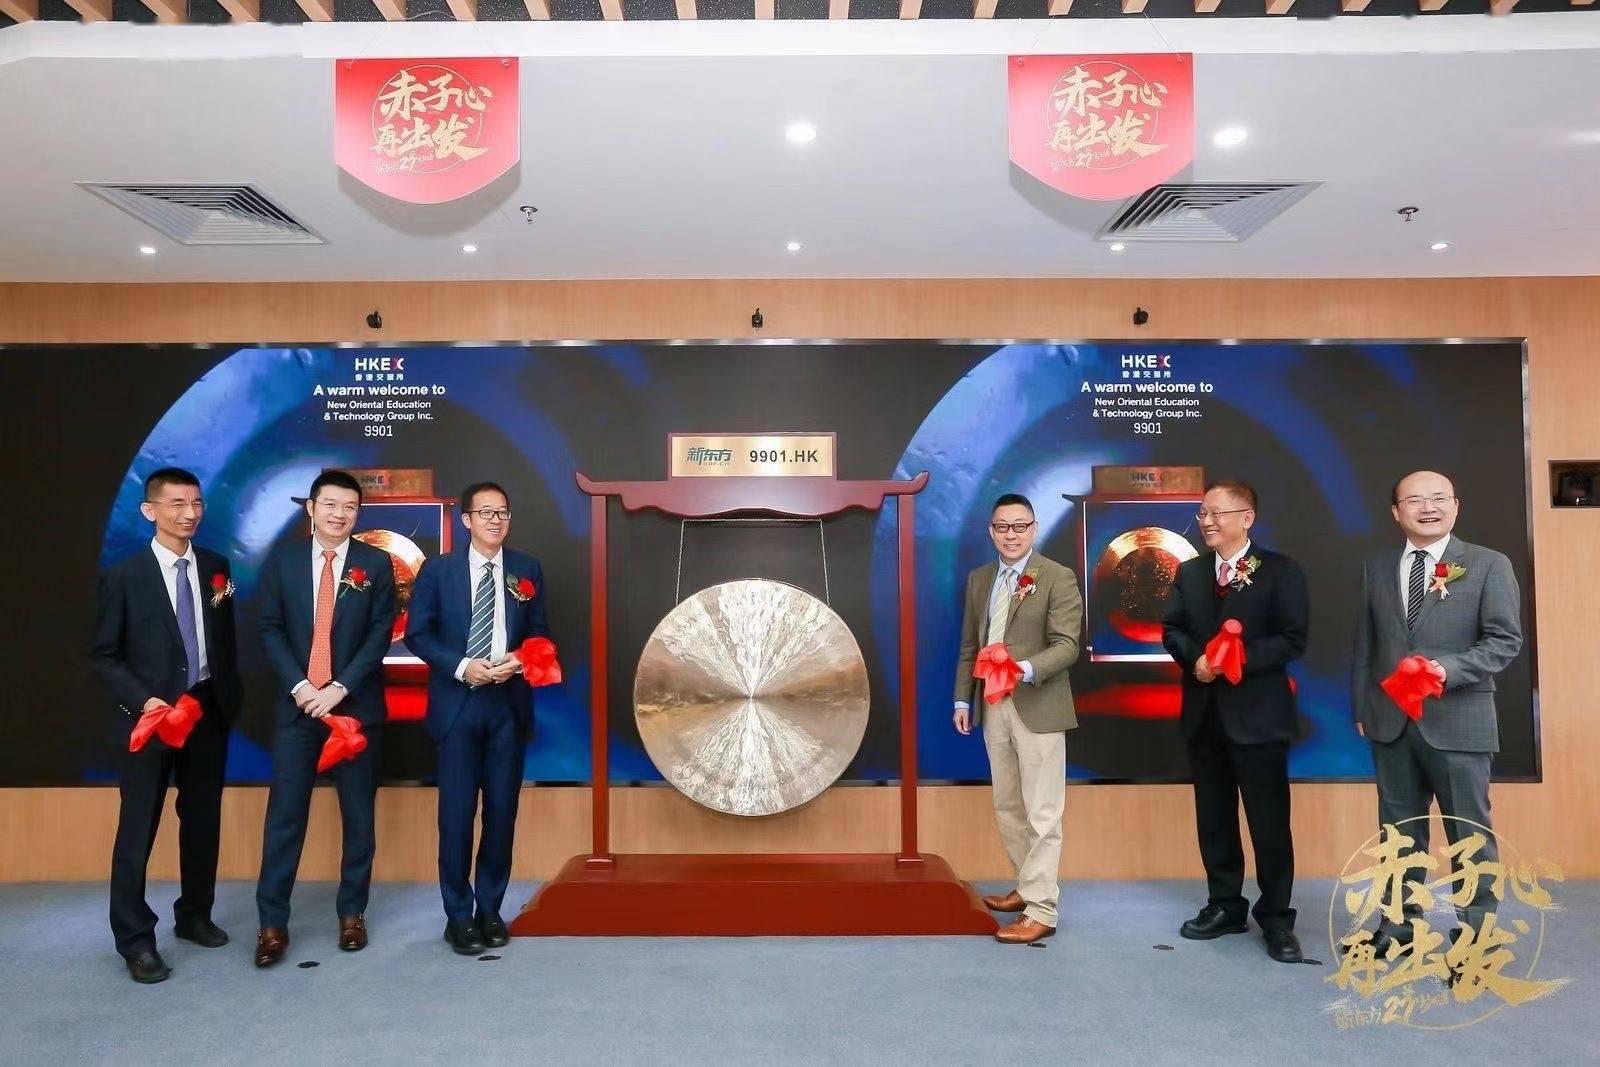 新东方今早正式登陆港交所,总市值2249.61亿港元